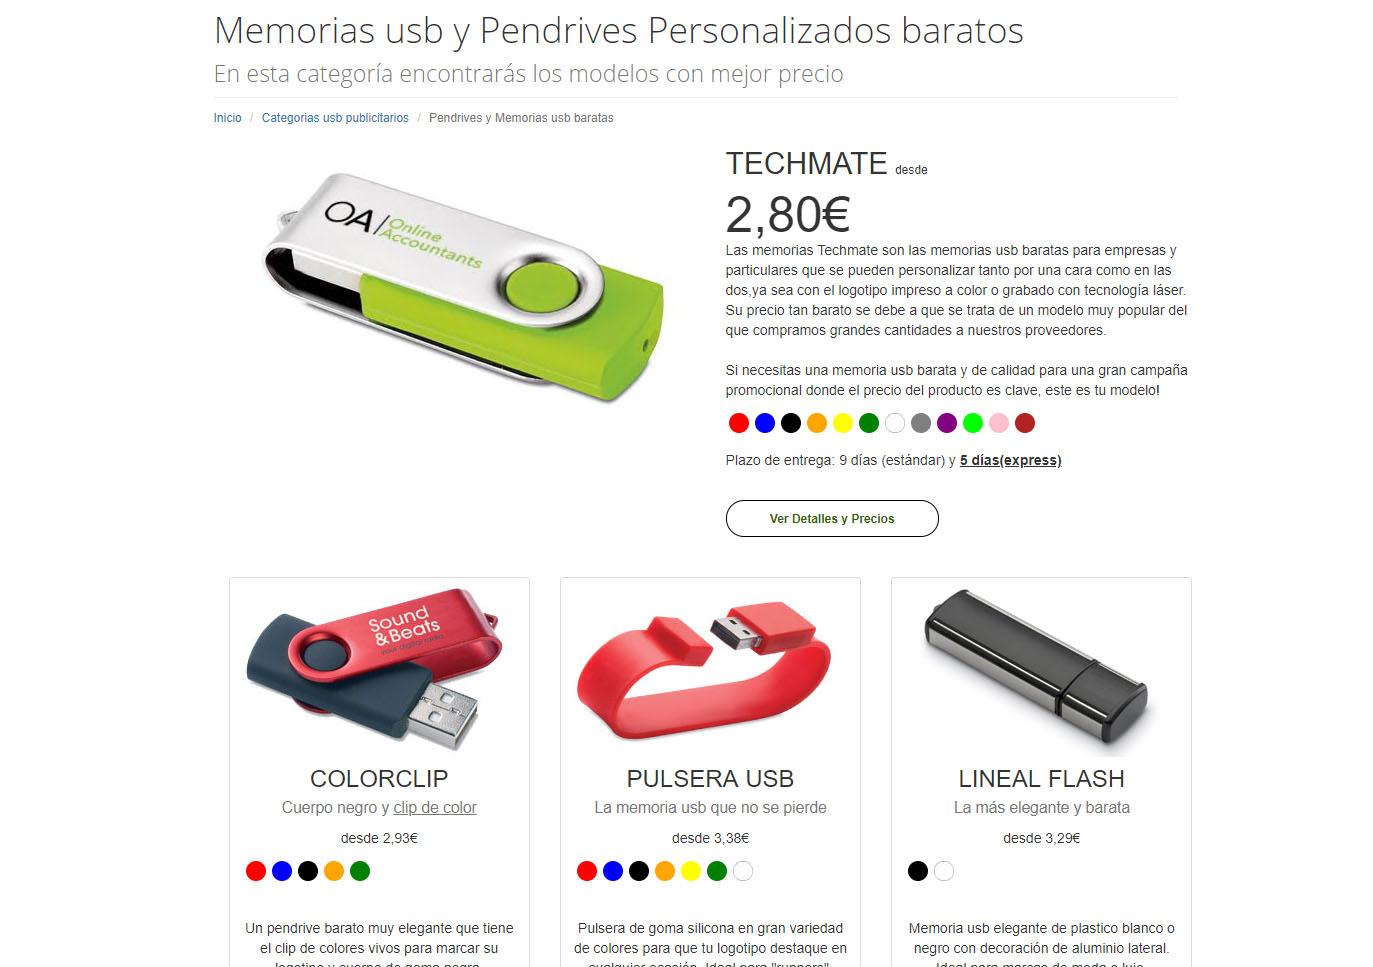 Memorias usb de 1GB, 2GB, 4GB y 8GB para el mercado promocional